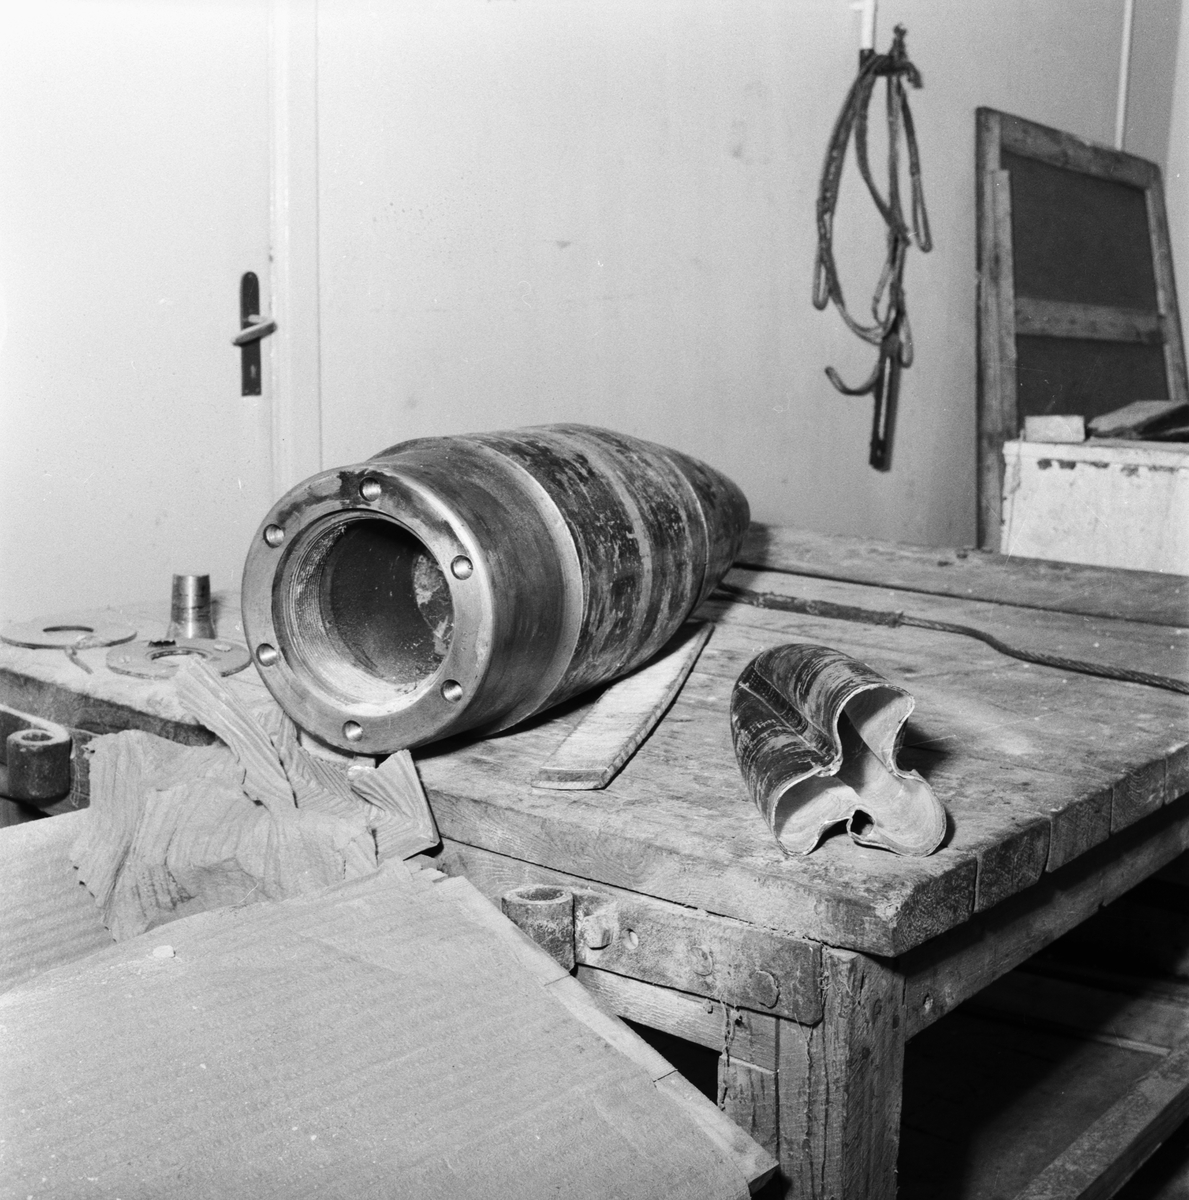 Övrigt: Foto datum: 19/10 1957 Byggnader och kranar Basareholmen interiör efter sprängning